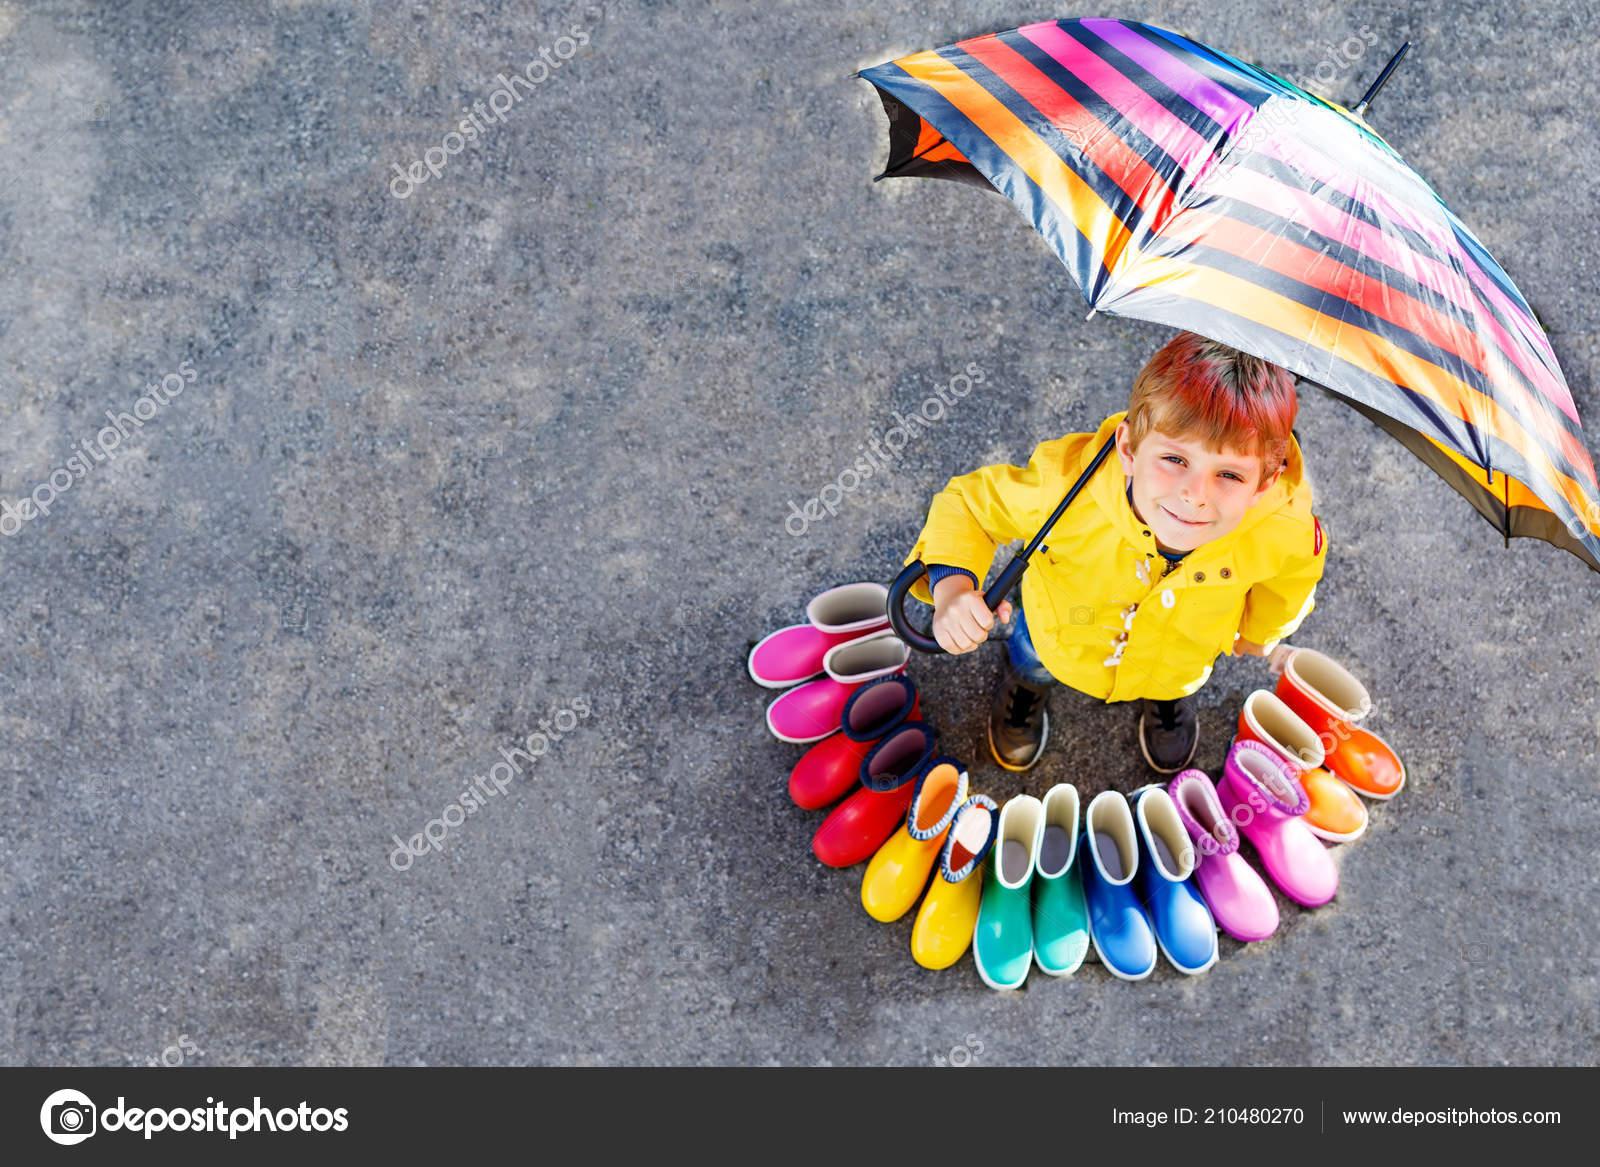 a4155d450b8 Garoto menino e grupo de galochas coloridas. Criança loira em pé sob o  guarda-chuva. Close-up de aluno e botas de borracha diferentes de alto  ângulo.